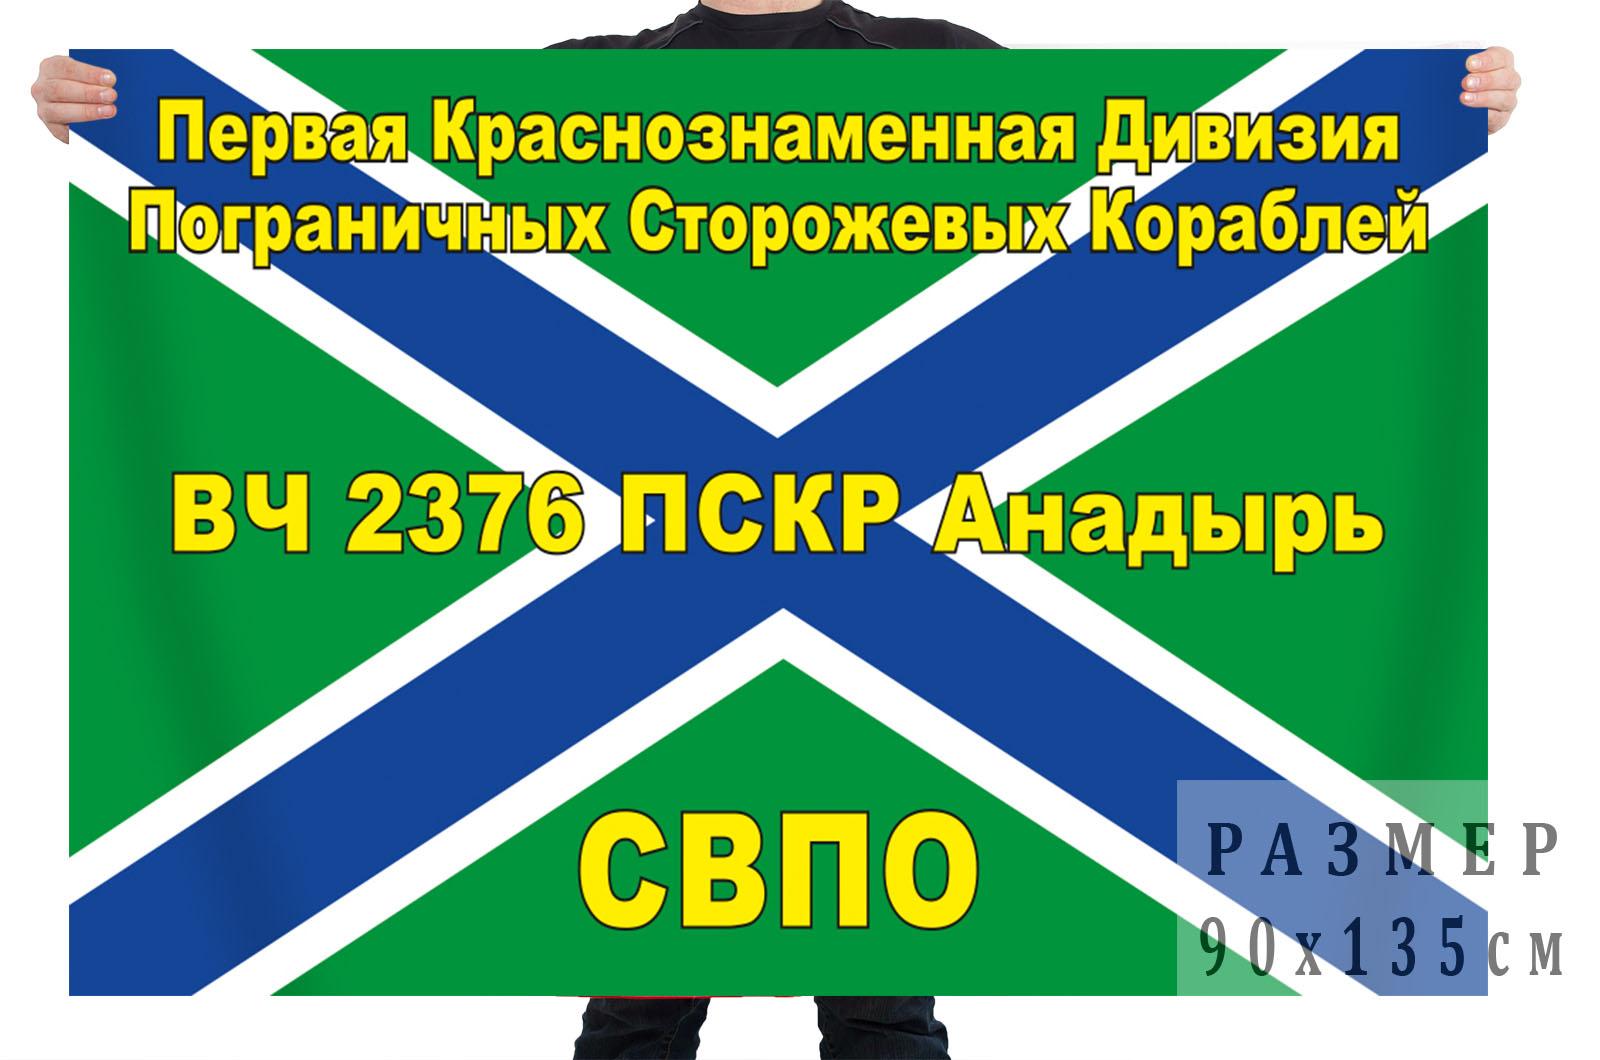 Заказать онлайн флаг 1-я Краснознамённая дивизия пограничных сторожевых кораблей, в/ч 2376